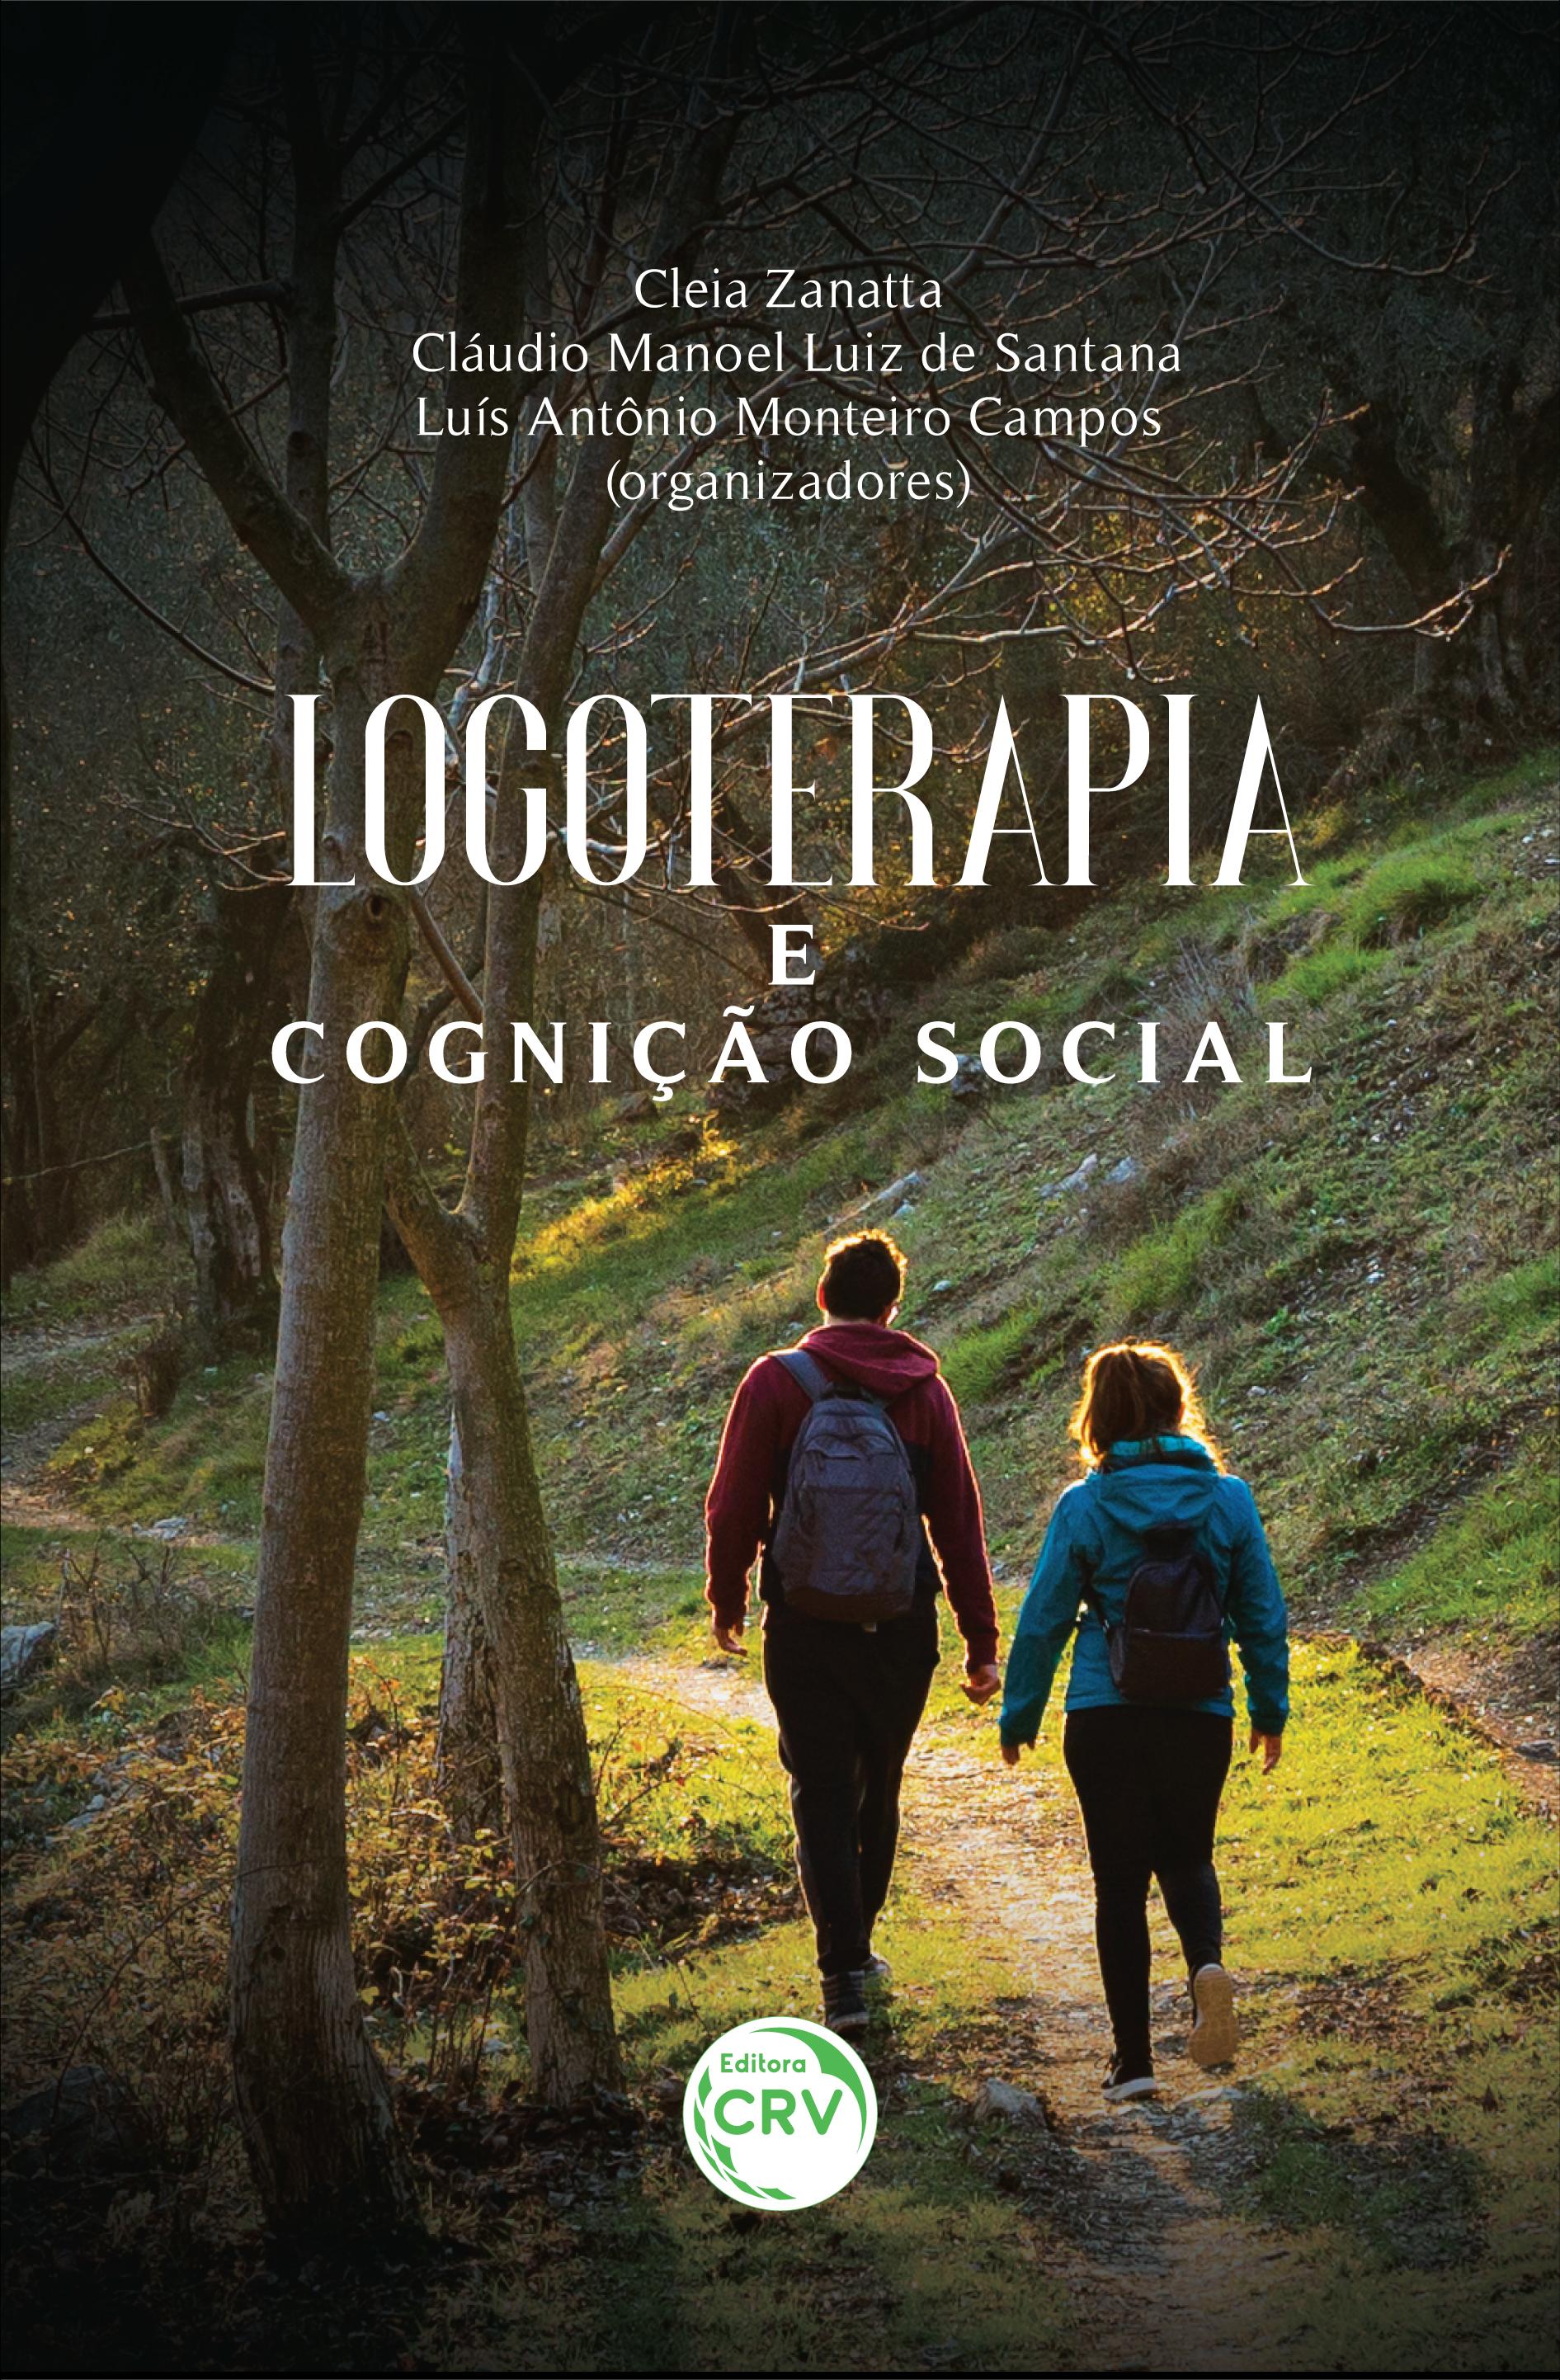 Capa do livro: LOGOTERAPIA E COGNIÇÃO SOCIAL